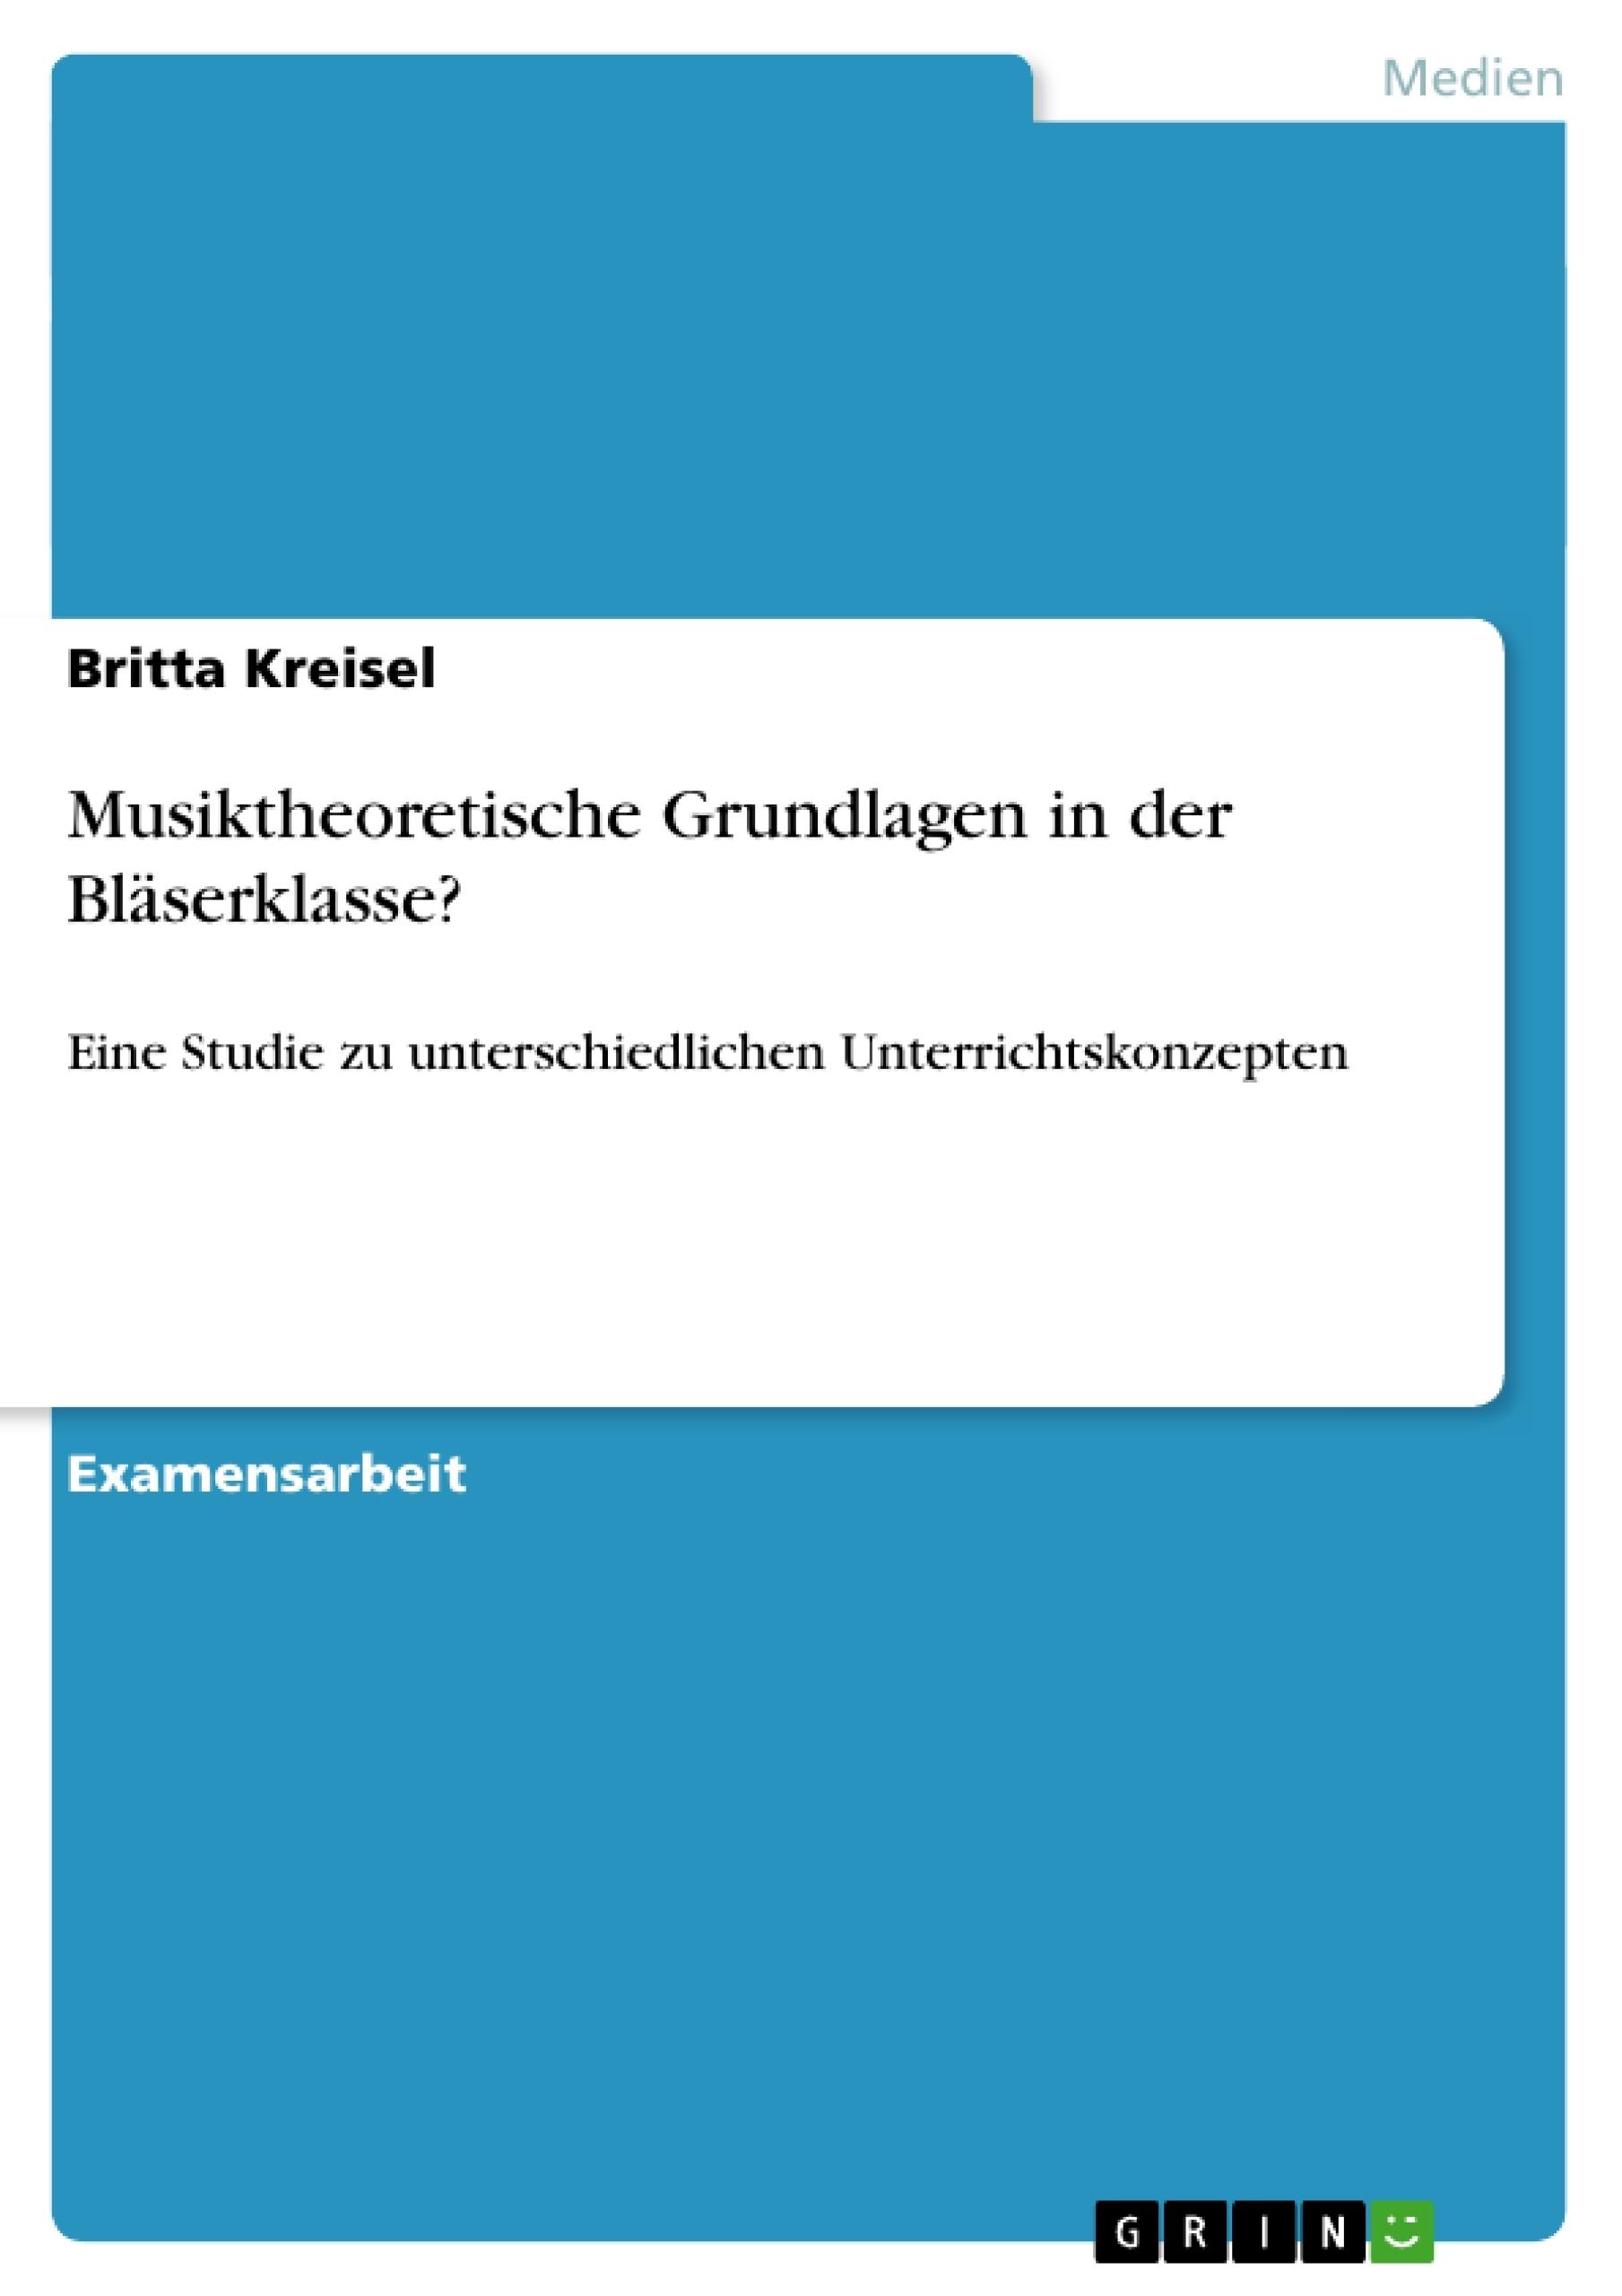 Musiktheoretische Grundlagen in der Bläserklasse? | Masterarbeit ...